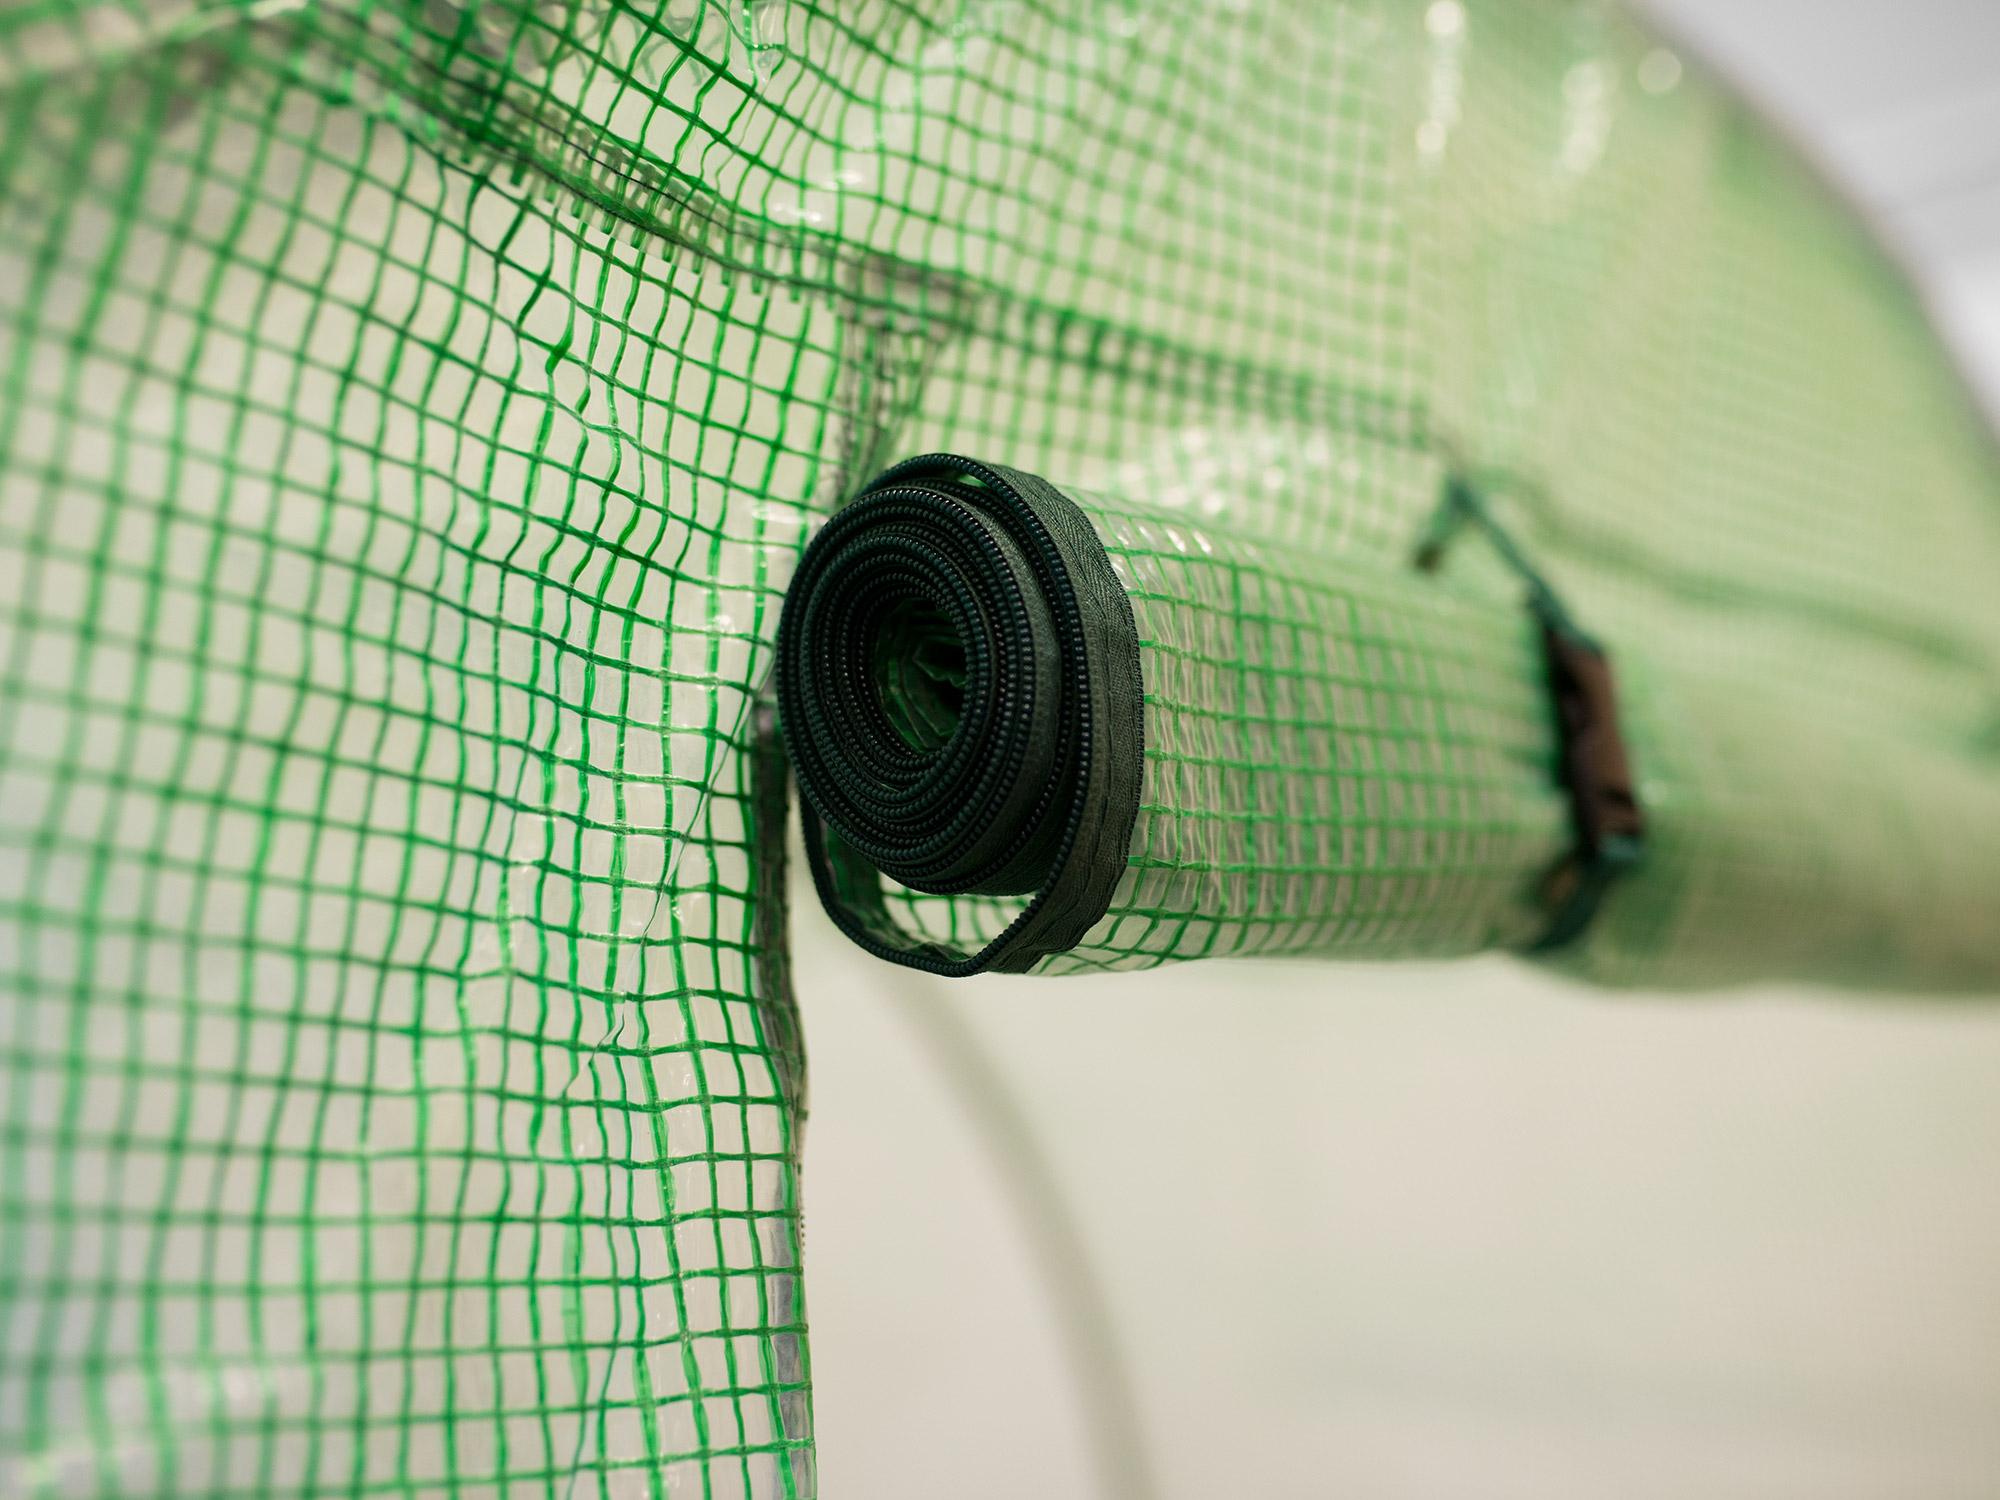 Folia ZAMIENNA 2x3,5m na tunel ogrodowy 7m2 Waga produktu z opakowaniem jednostkowym 4.5 kg